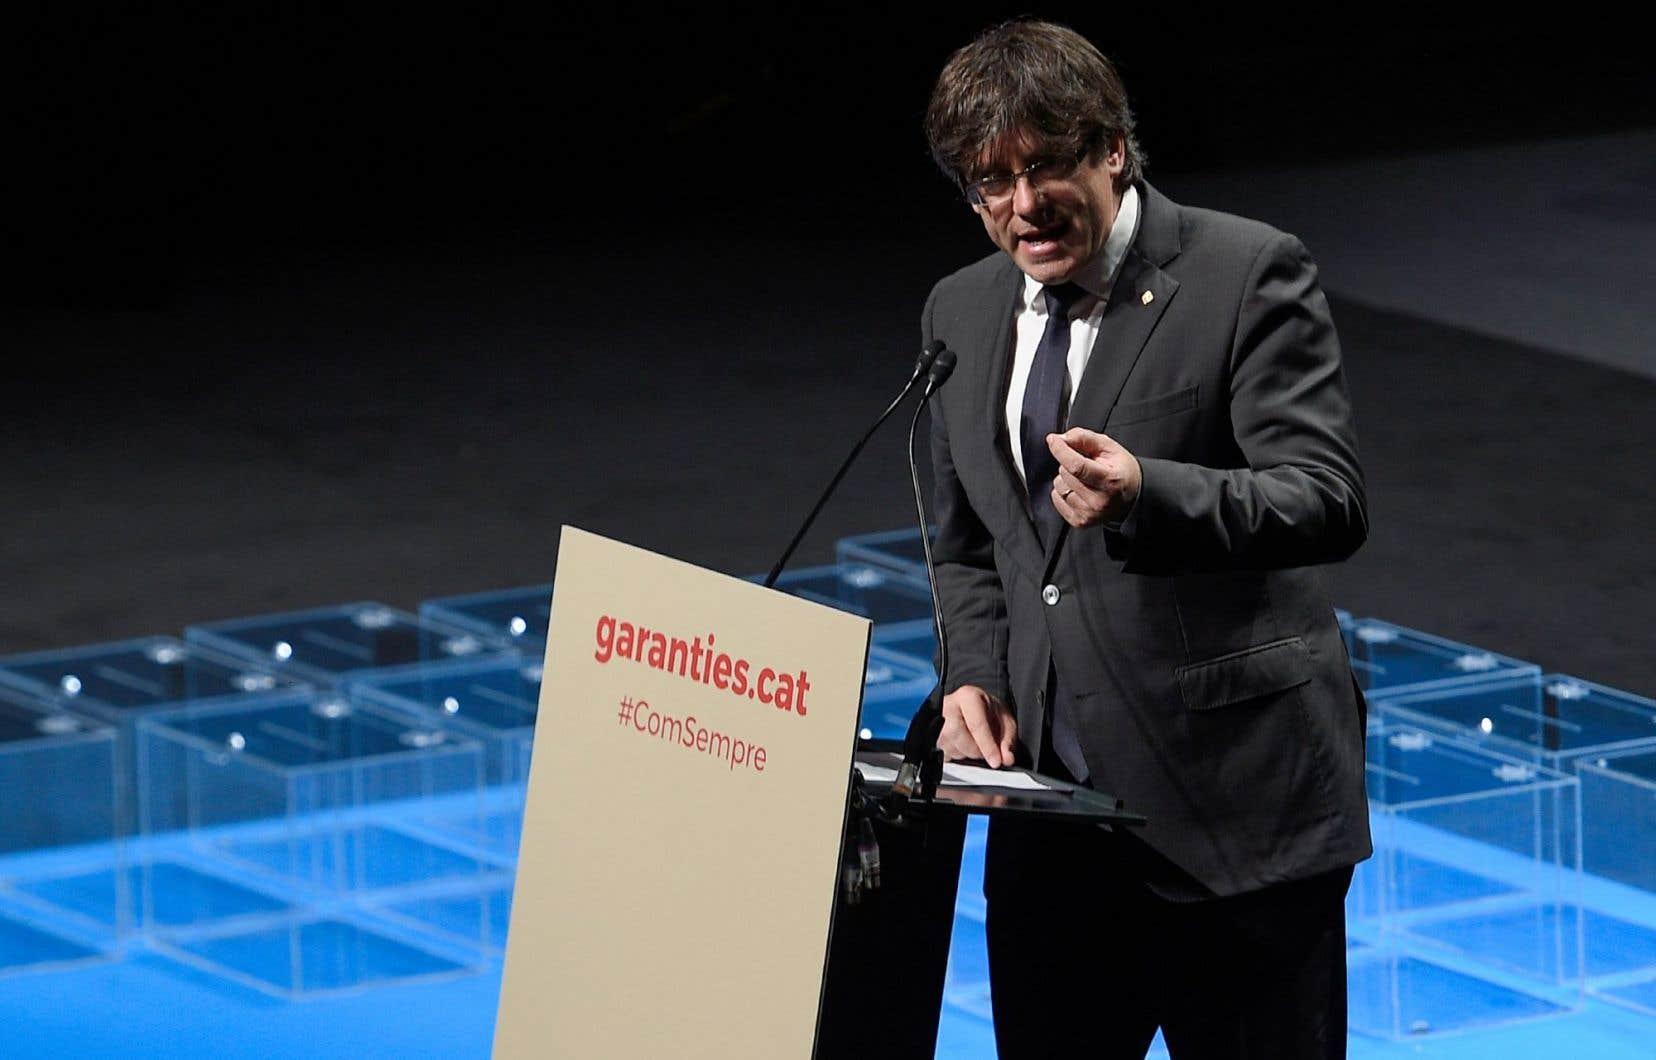 Le président du gouvernement régional catalan, Carles Puigdemont